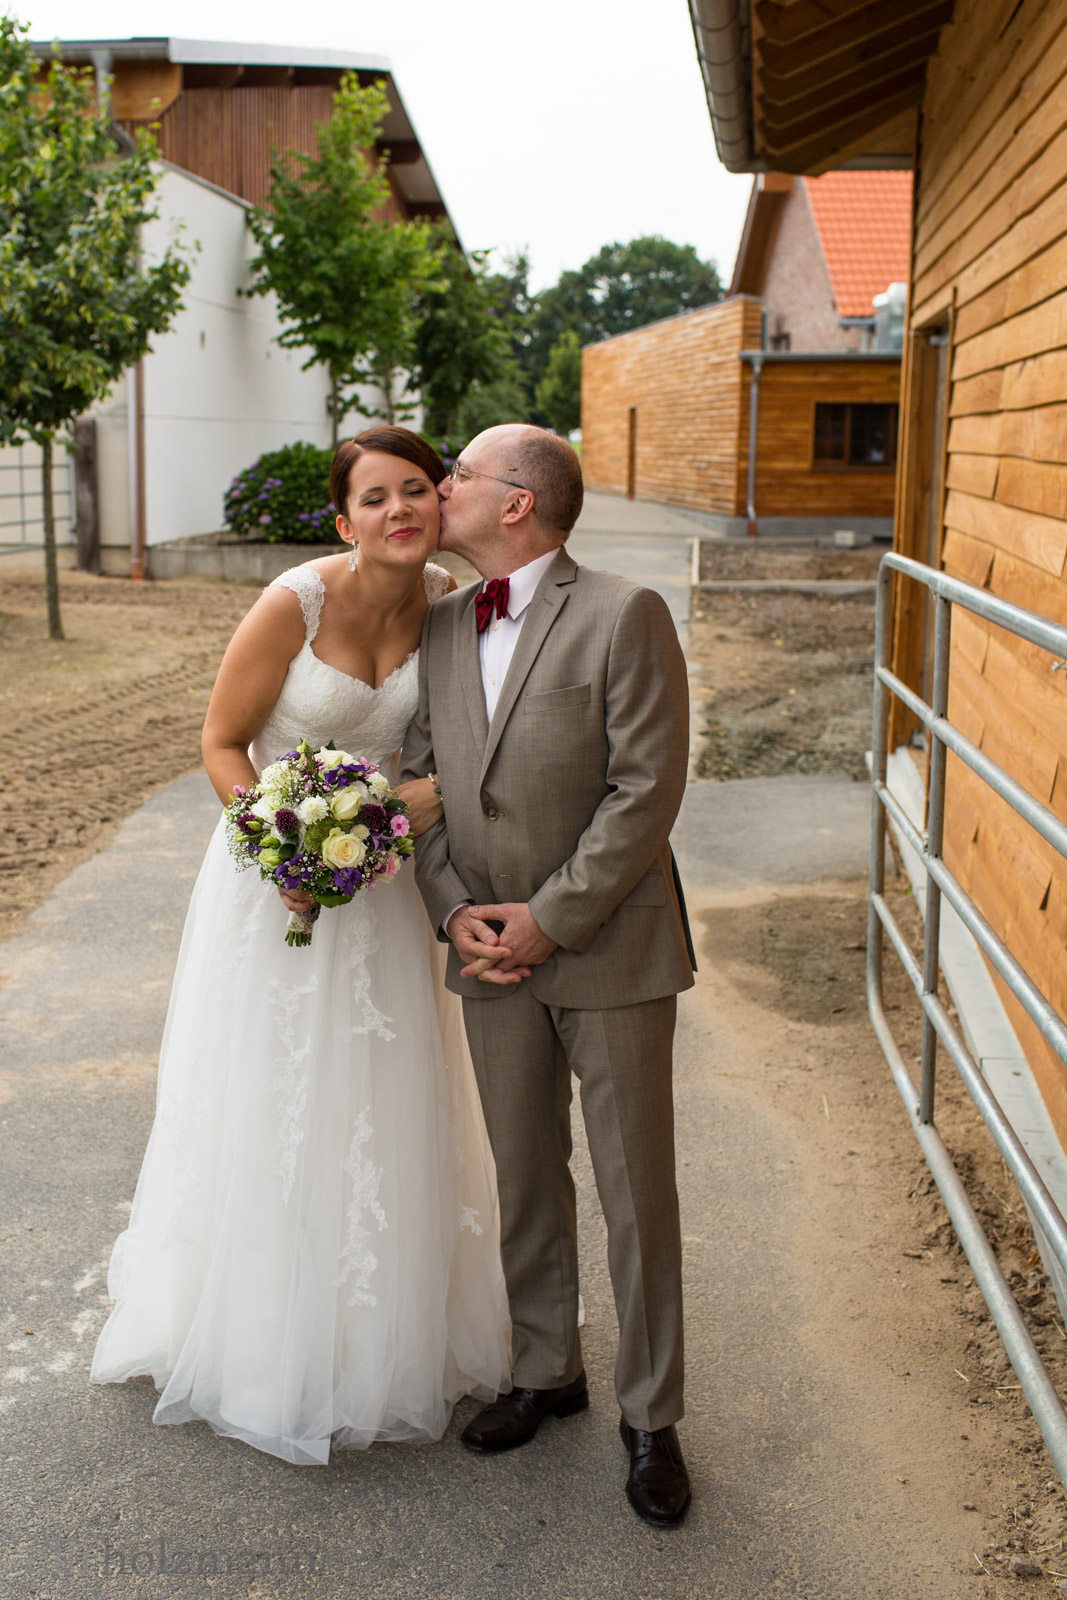 Hochzeitsfotograf_Sonsbeck-39.jpg